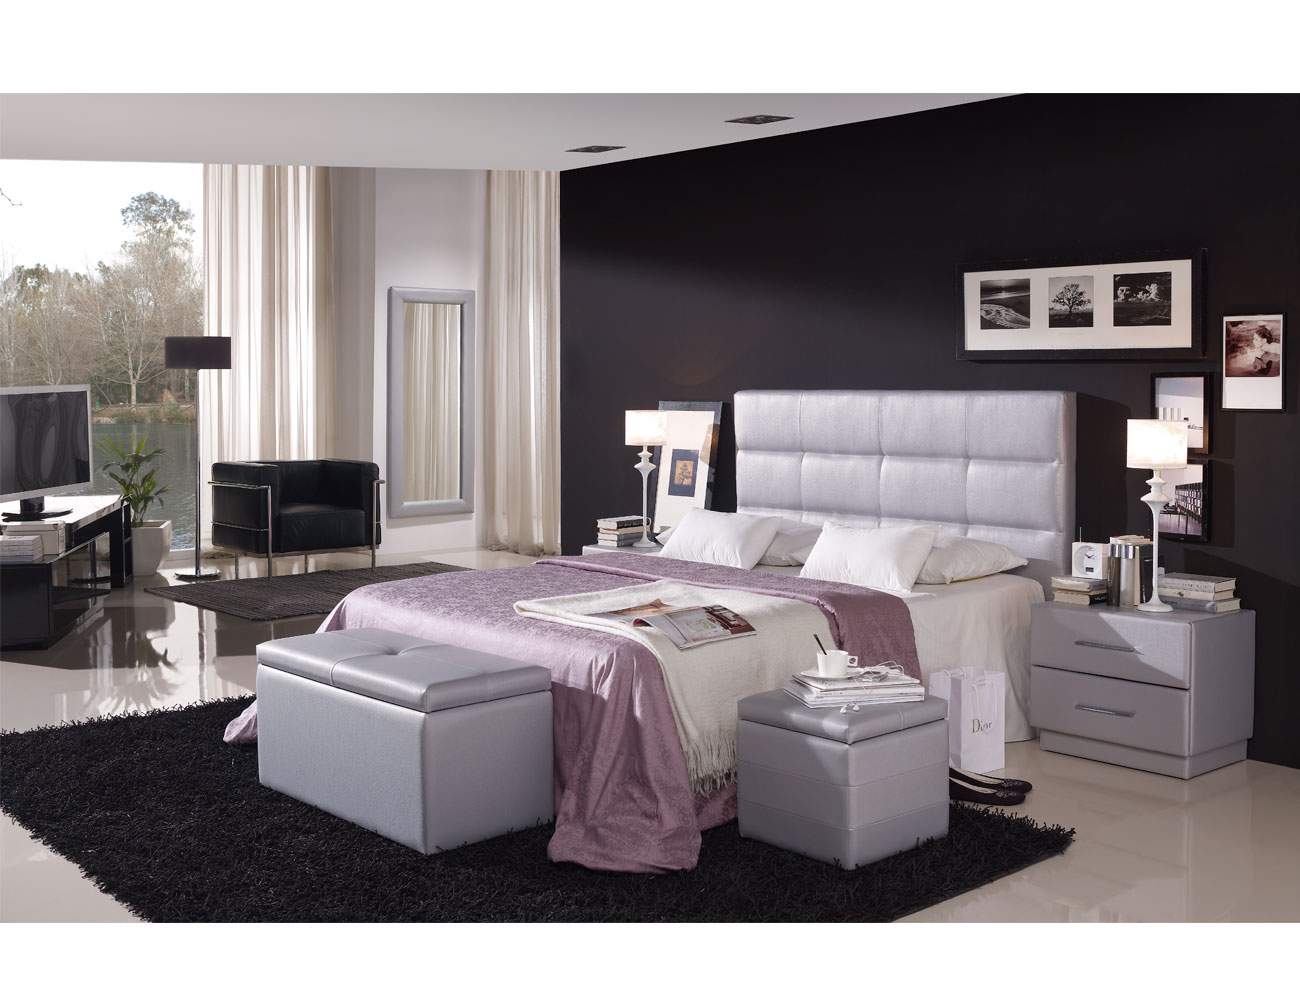 23 marco tapizado dormitorio922